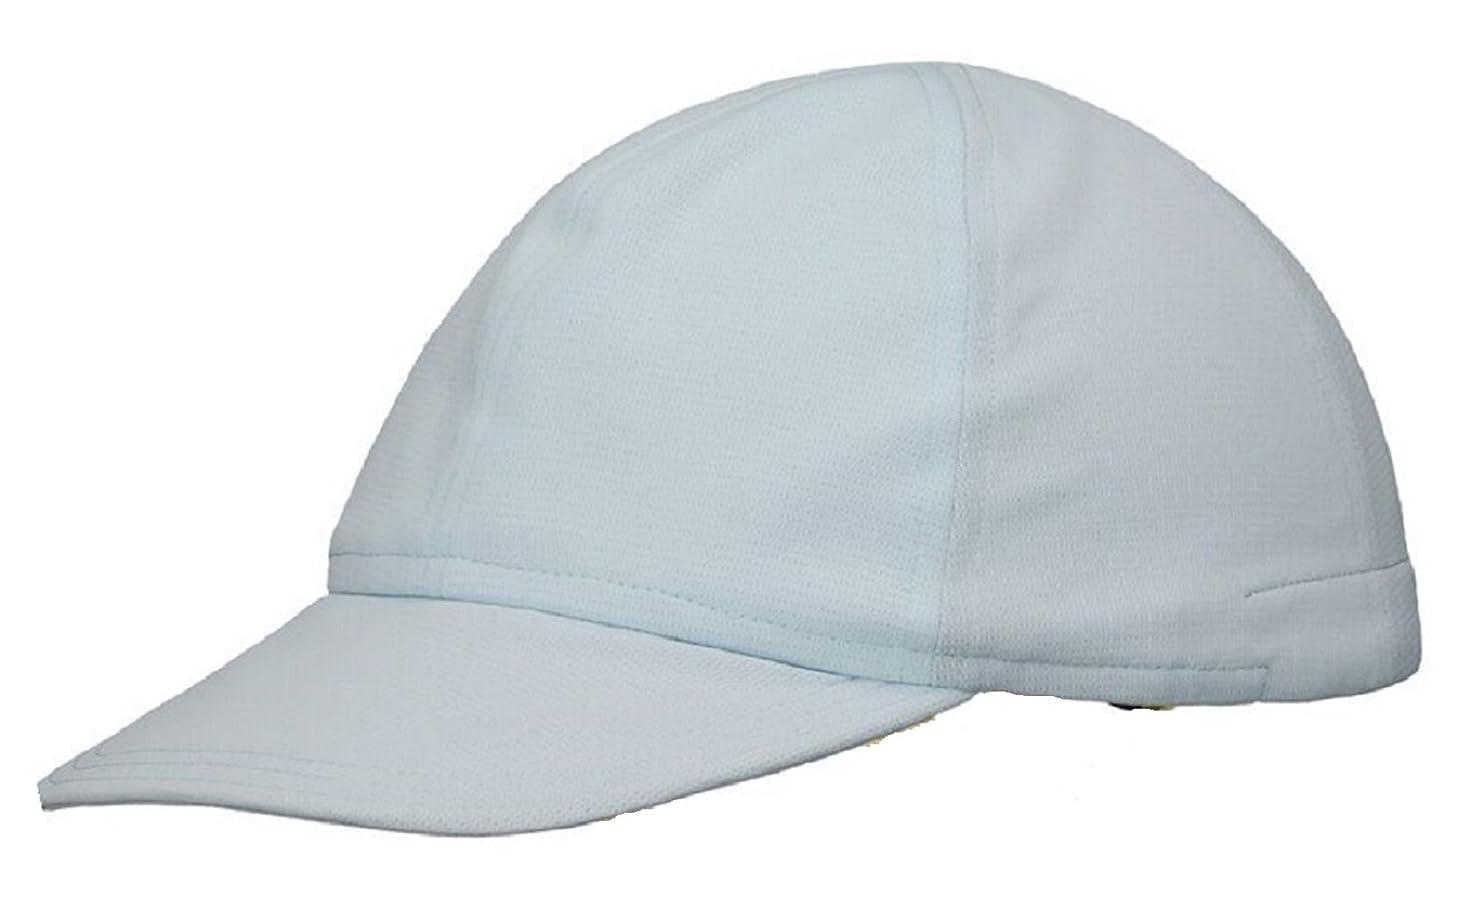 取るシャワー北東CAPOR(カポル) 自転車 おしゃれヘルメット 帽子カバー部分着せ替え可能